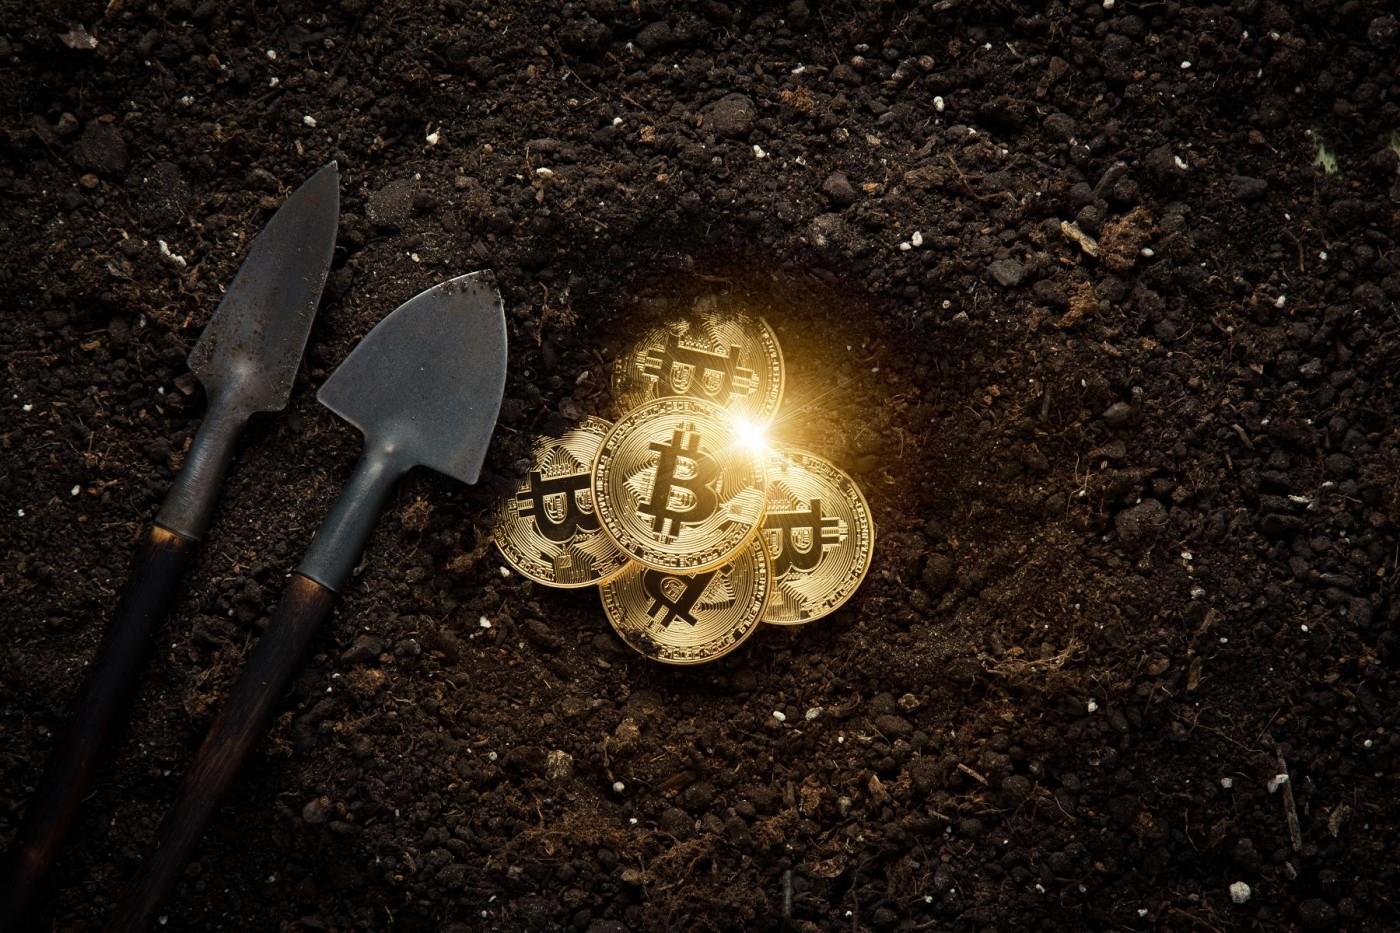 比特幣紅了跟你無關?不經意間你就成了駭客的挖礦工具